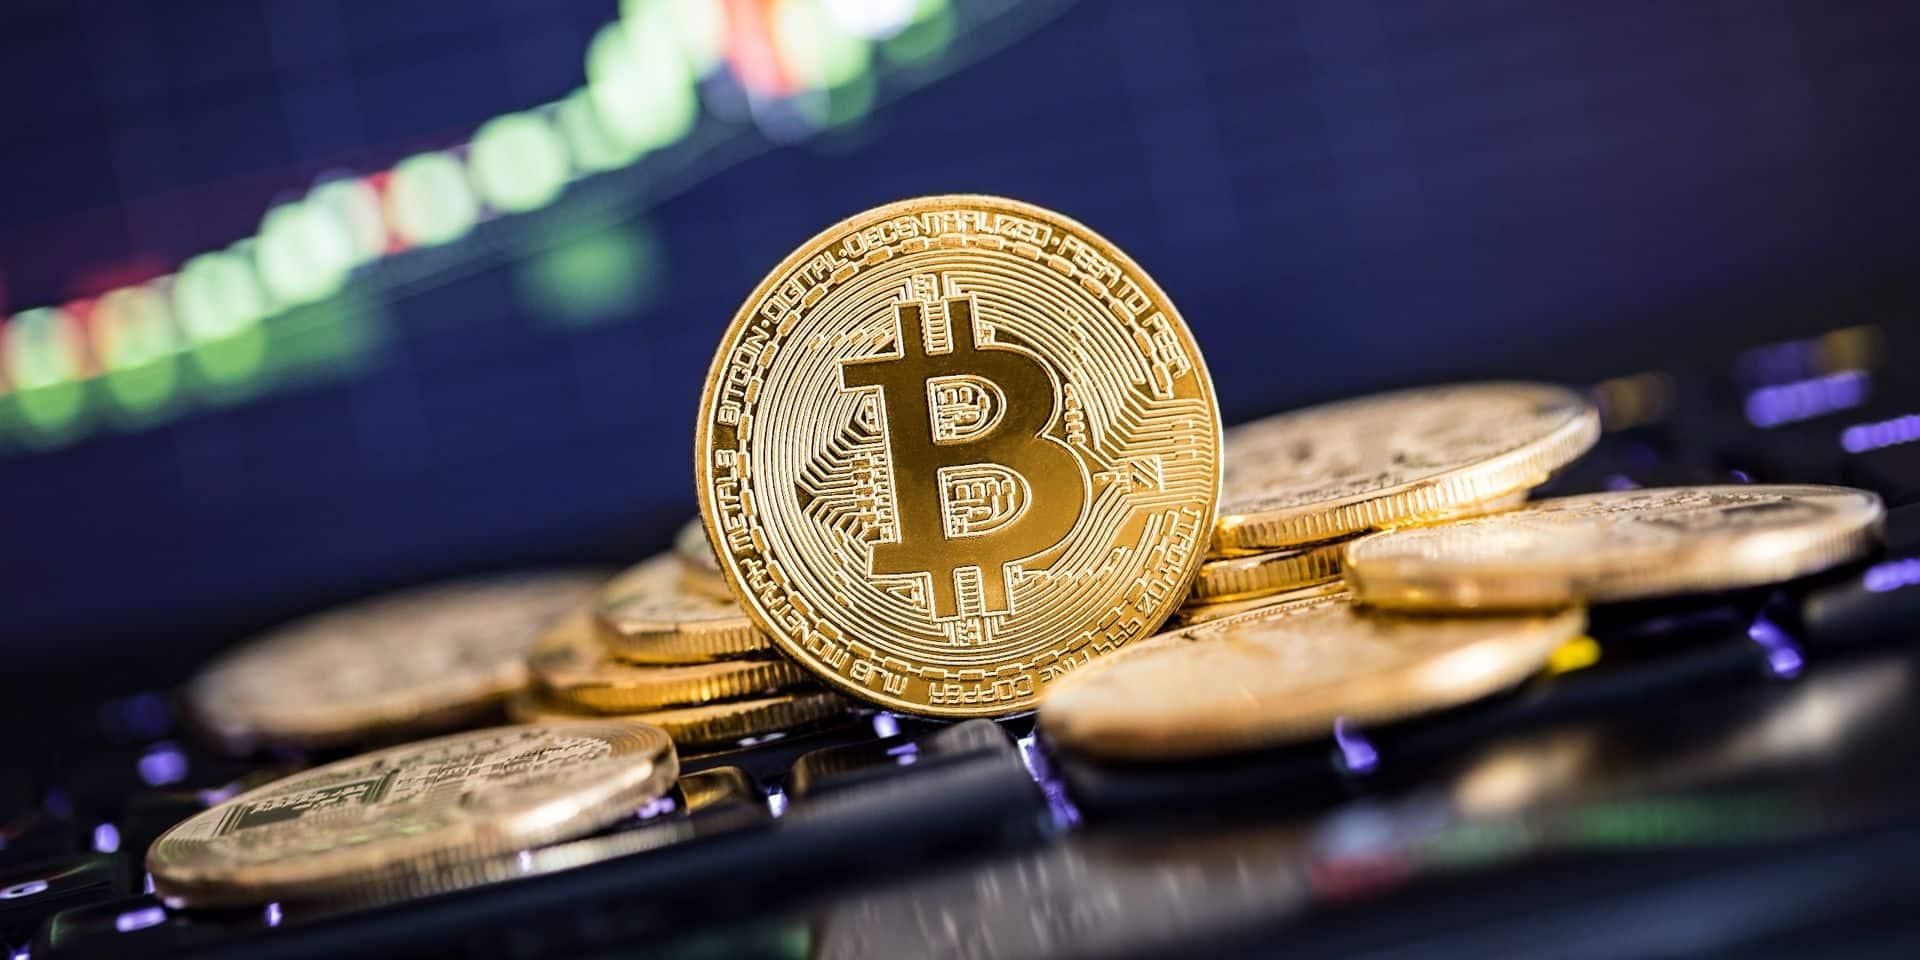 La descente du bitcoin continue : son cours flirte avec les 30 000 dollars